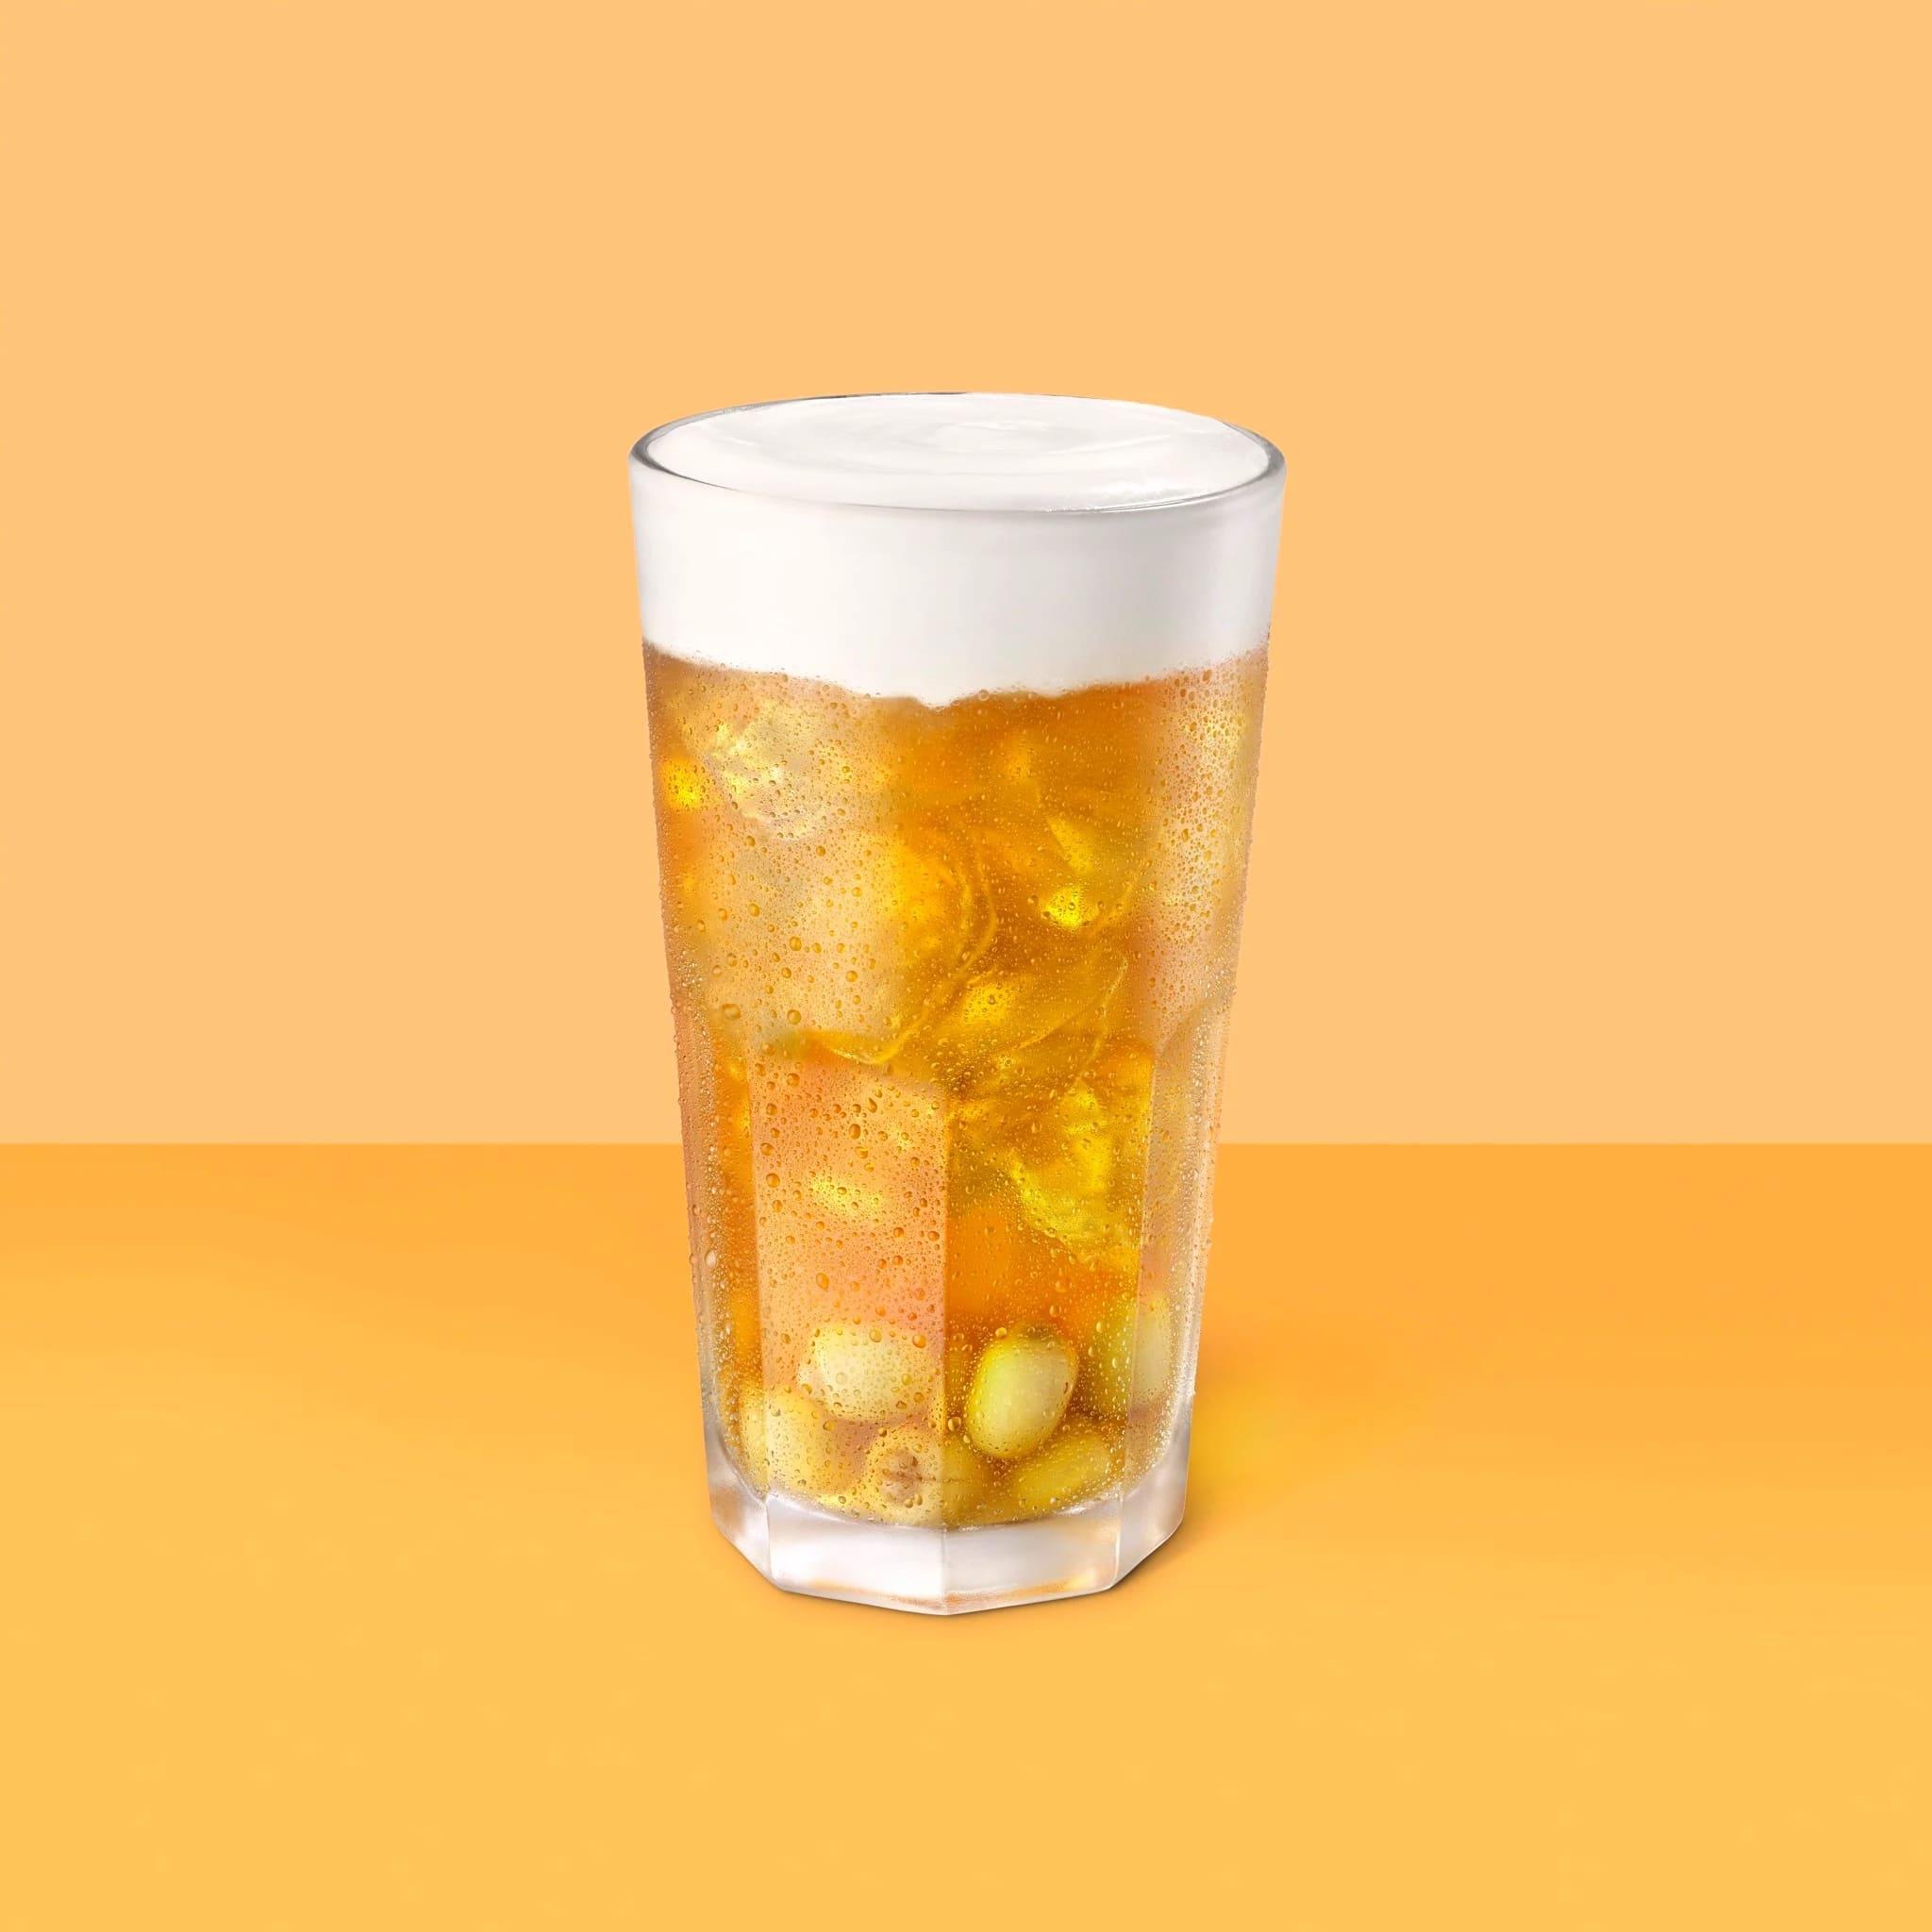 Mẹo hay dành cho các amp;#34;thánh nghiệnamp;#34;: cách uống trà sữa không béo - 5